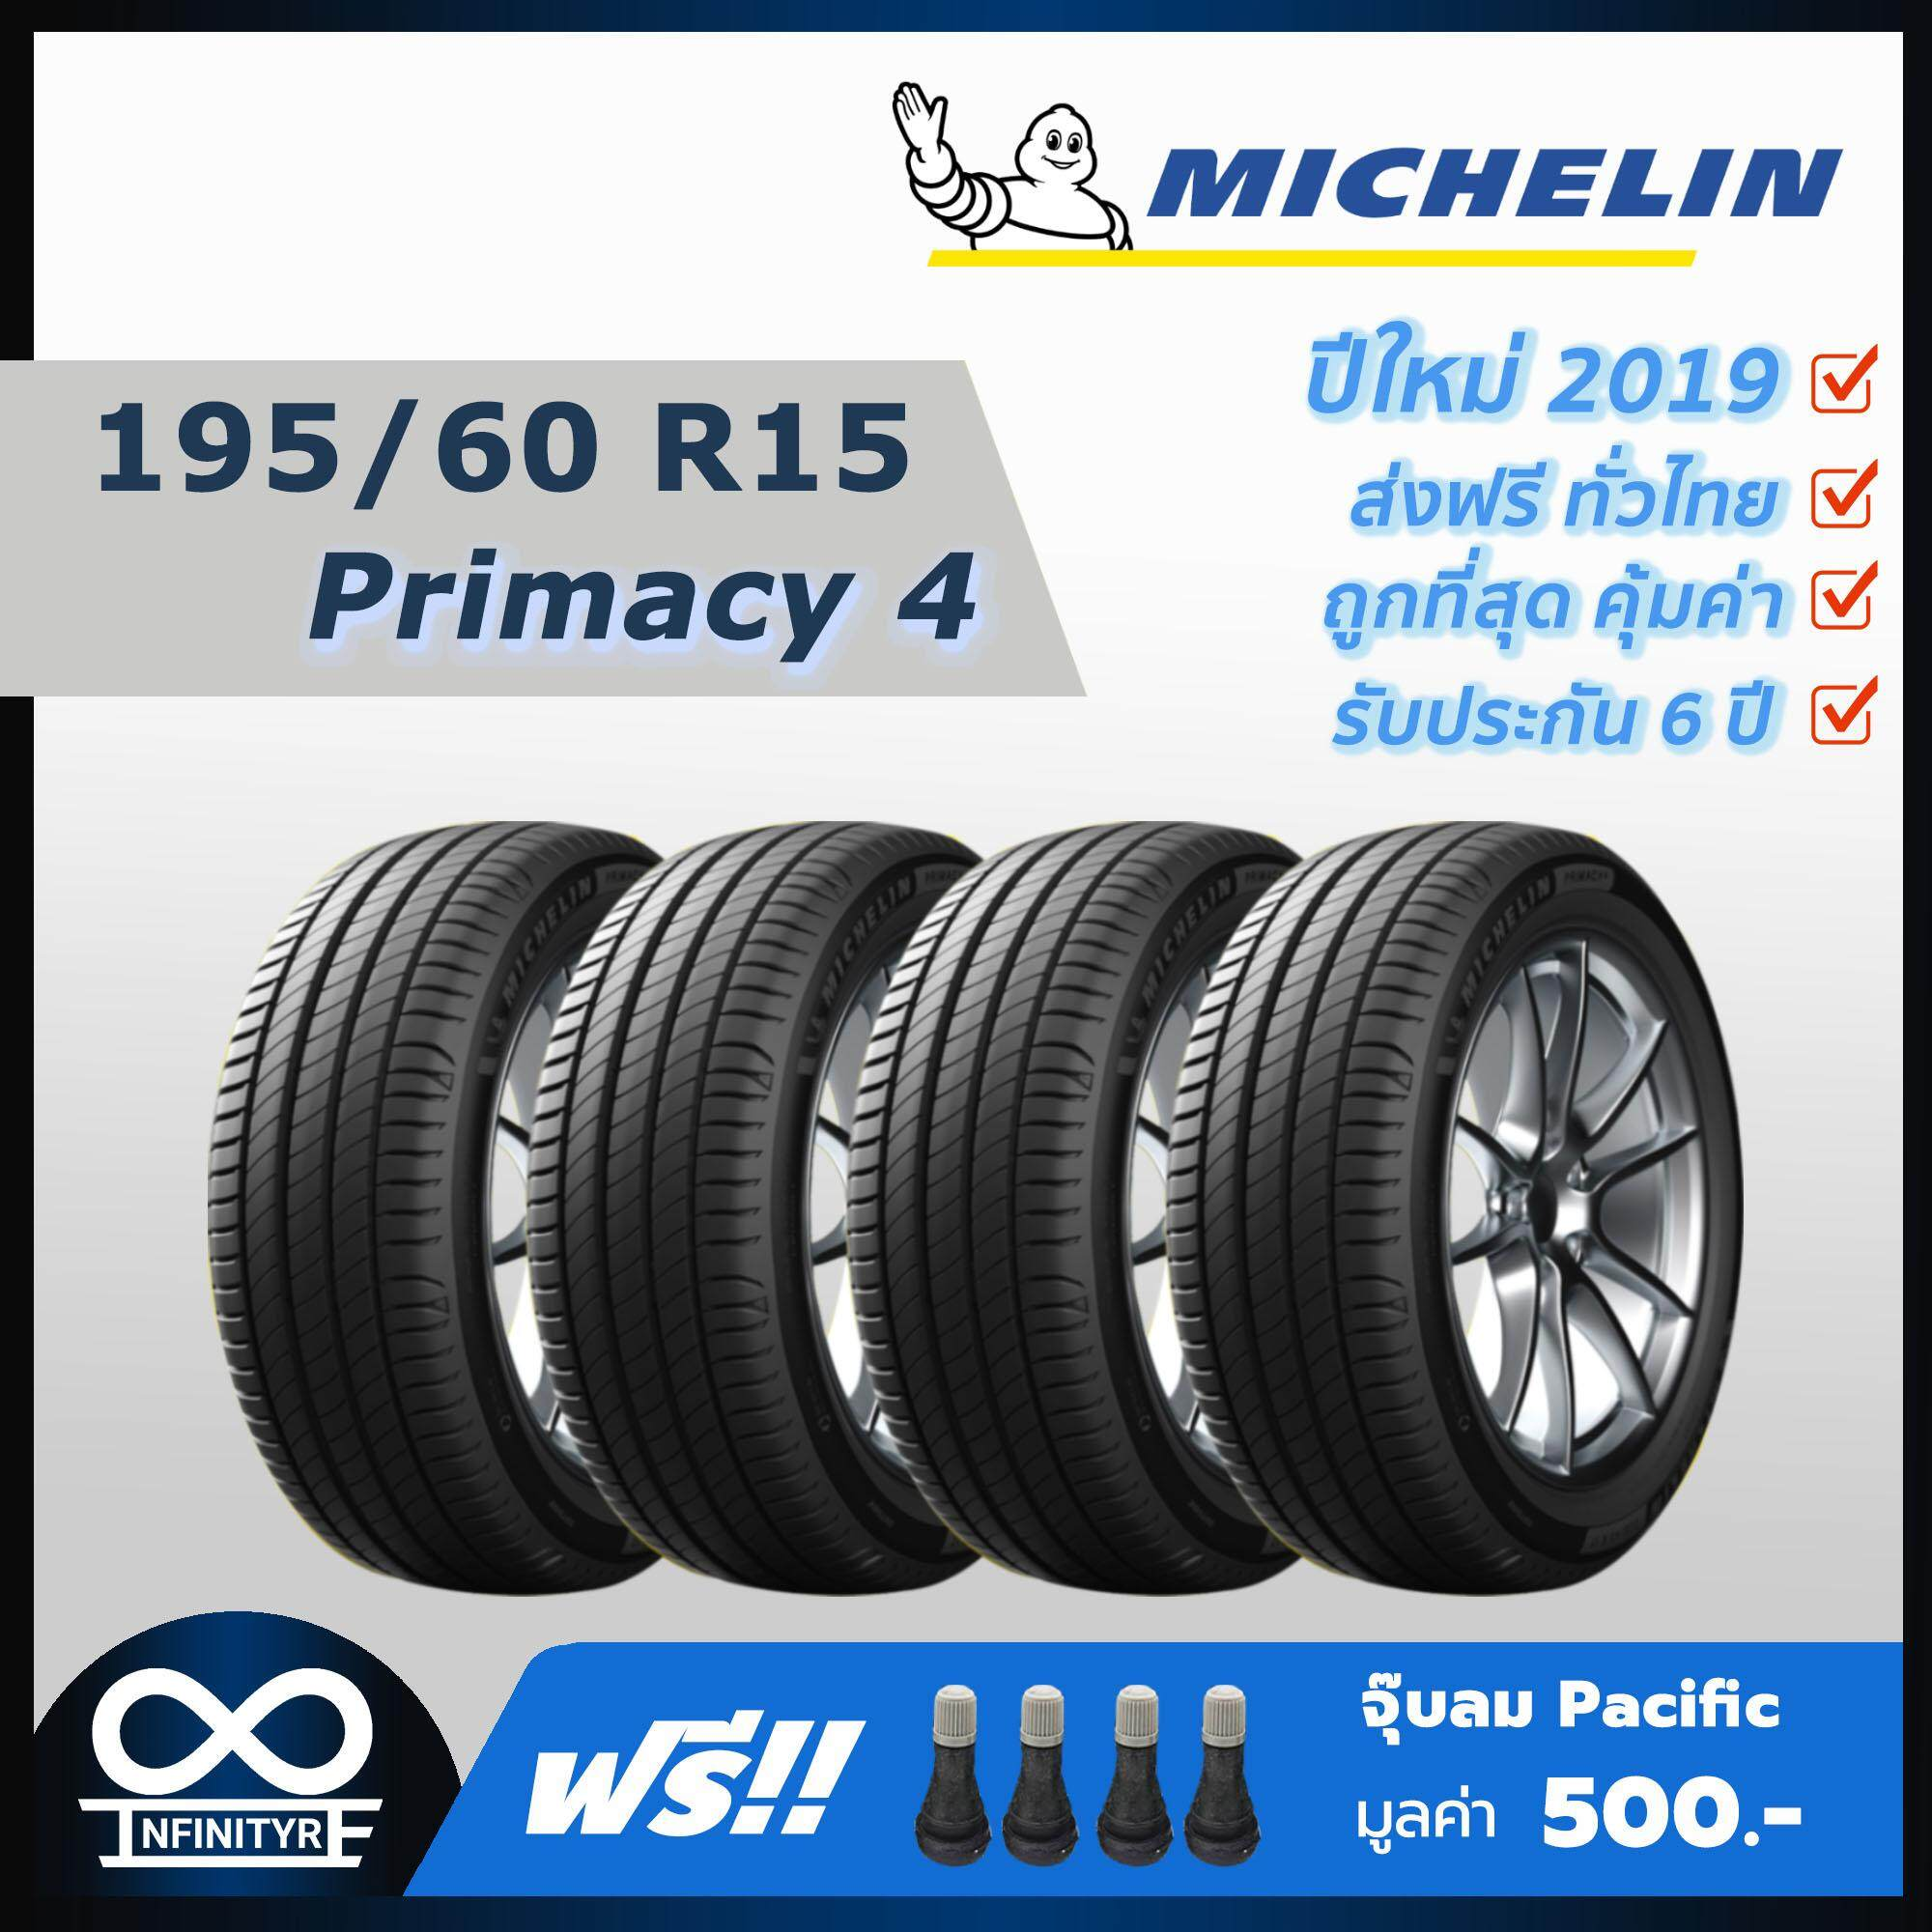 ประกันภัย รถยนต์ 2+ พระนครศรีอยุธยา 195/60R15 Michelin มิชลิน รุ่น Primacy 4 (ปี2019) 4เส้น (ฟรี! จุ๊บลมPacific เกรดพรีเมี่ยม)